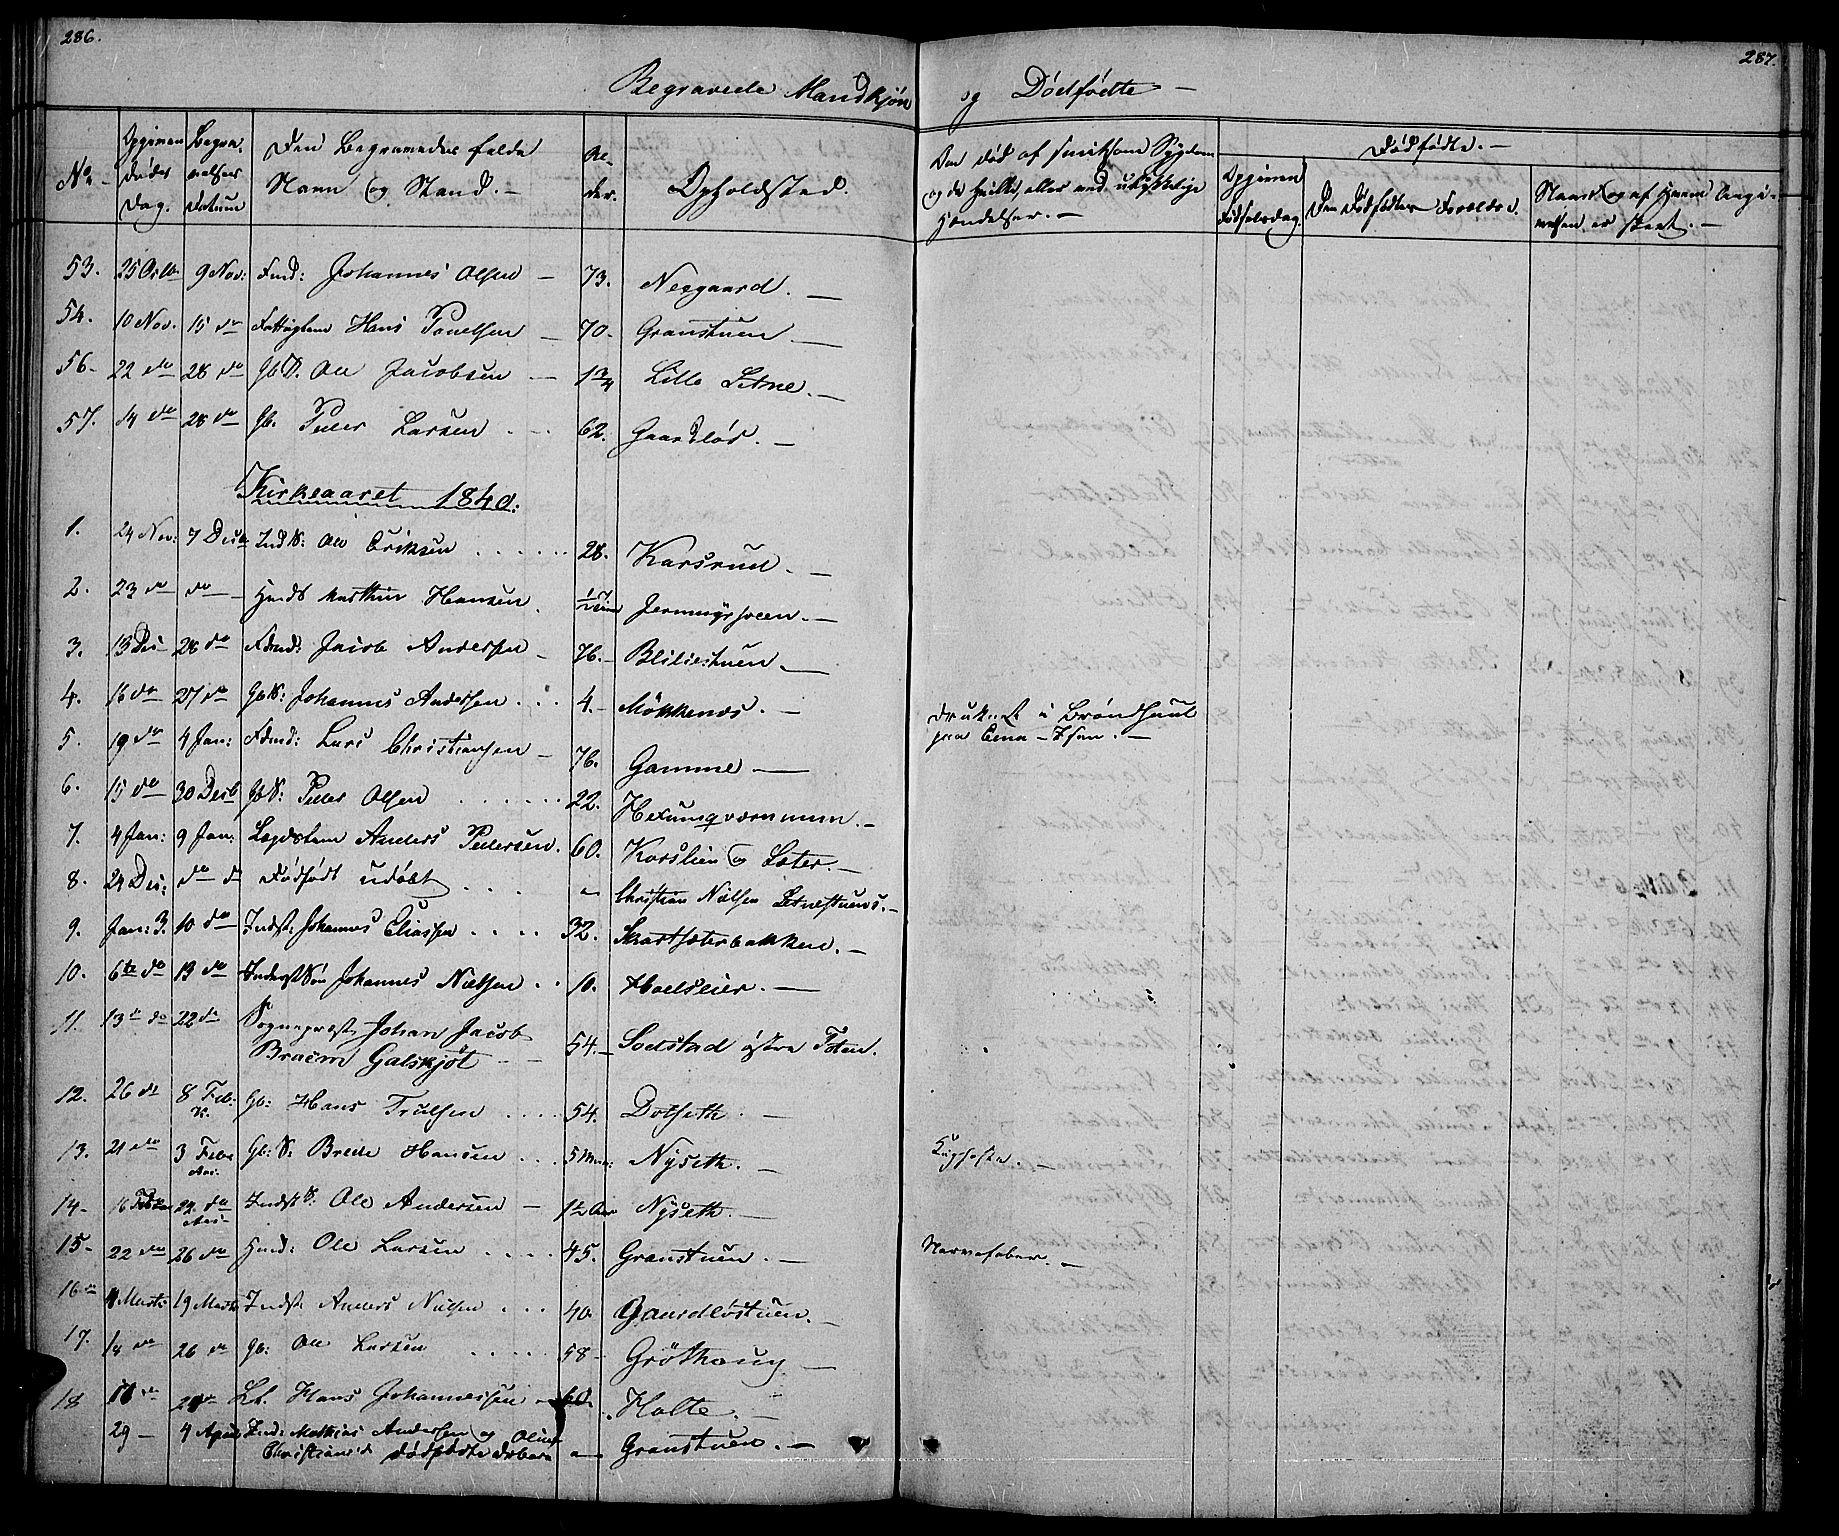 SAH, Vestre Toten prestekontor, Klokkerbok nr. 2, 1836-1848, s. 286-287